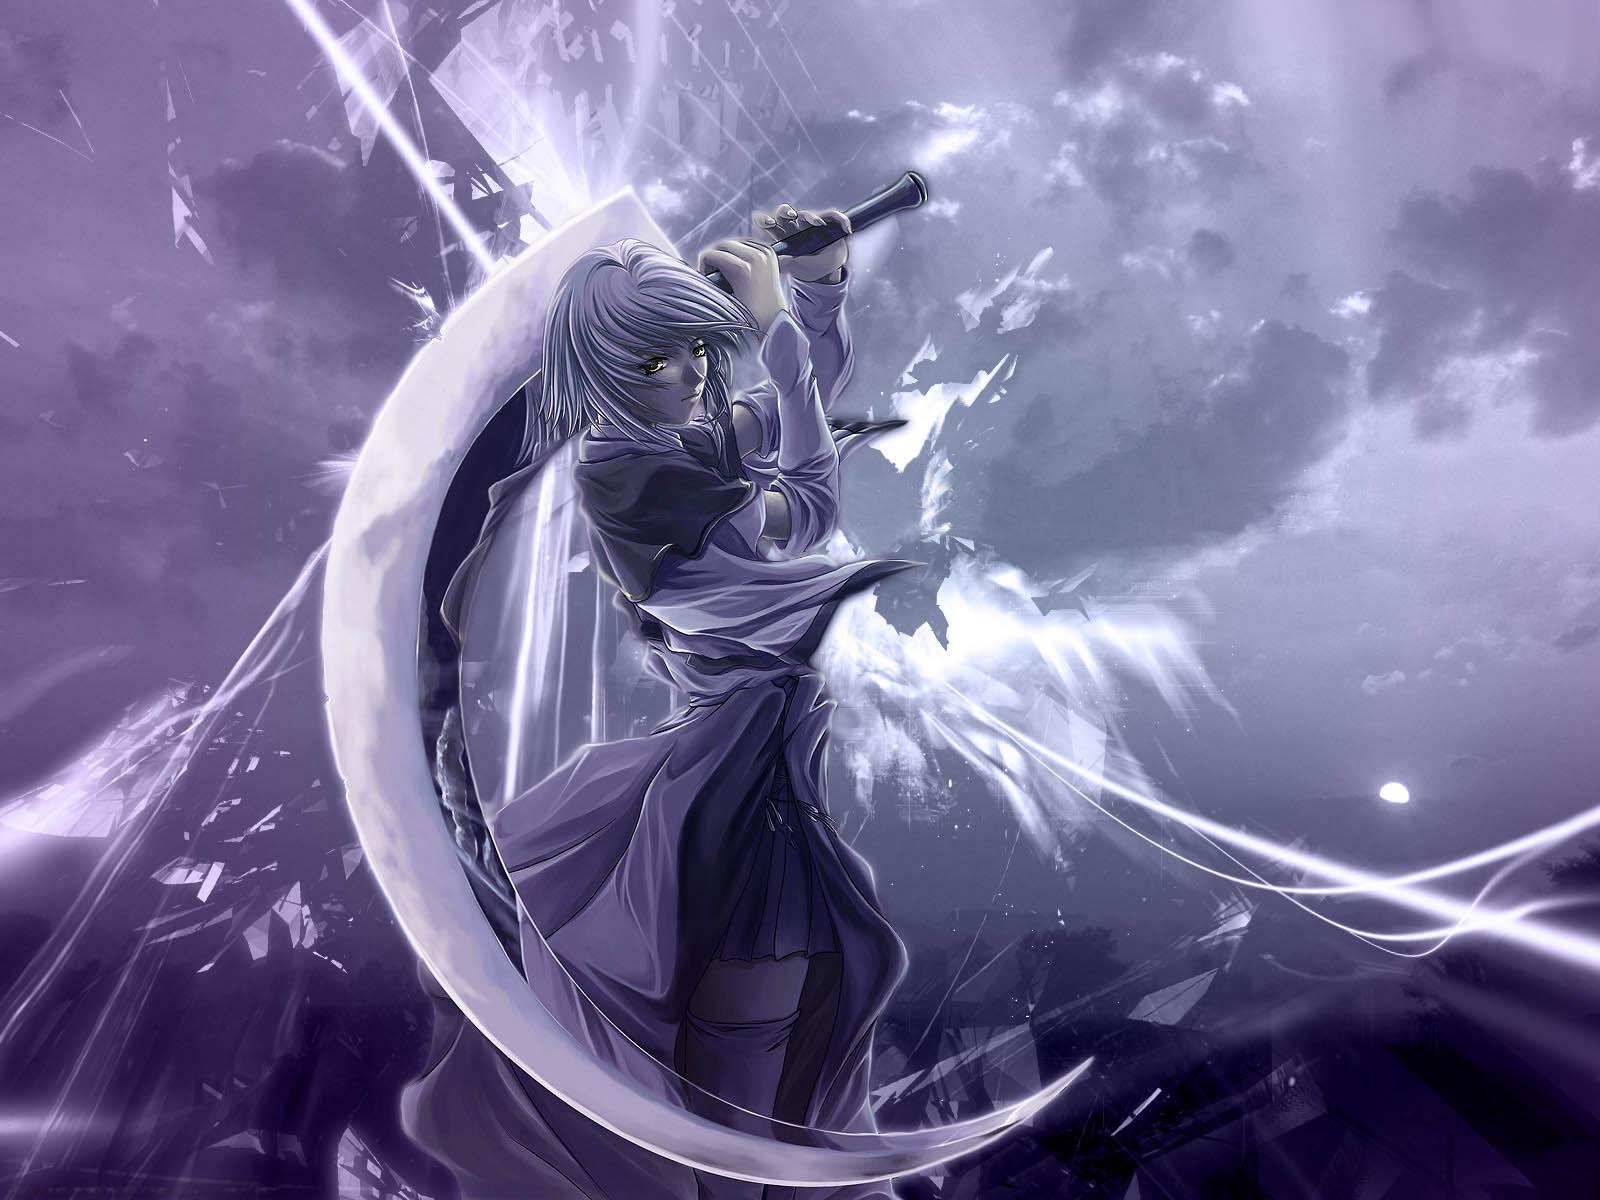 Desktop Wallpaper Anime - WallpaperSafari